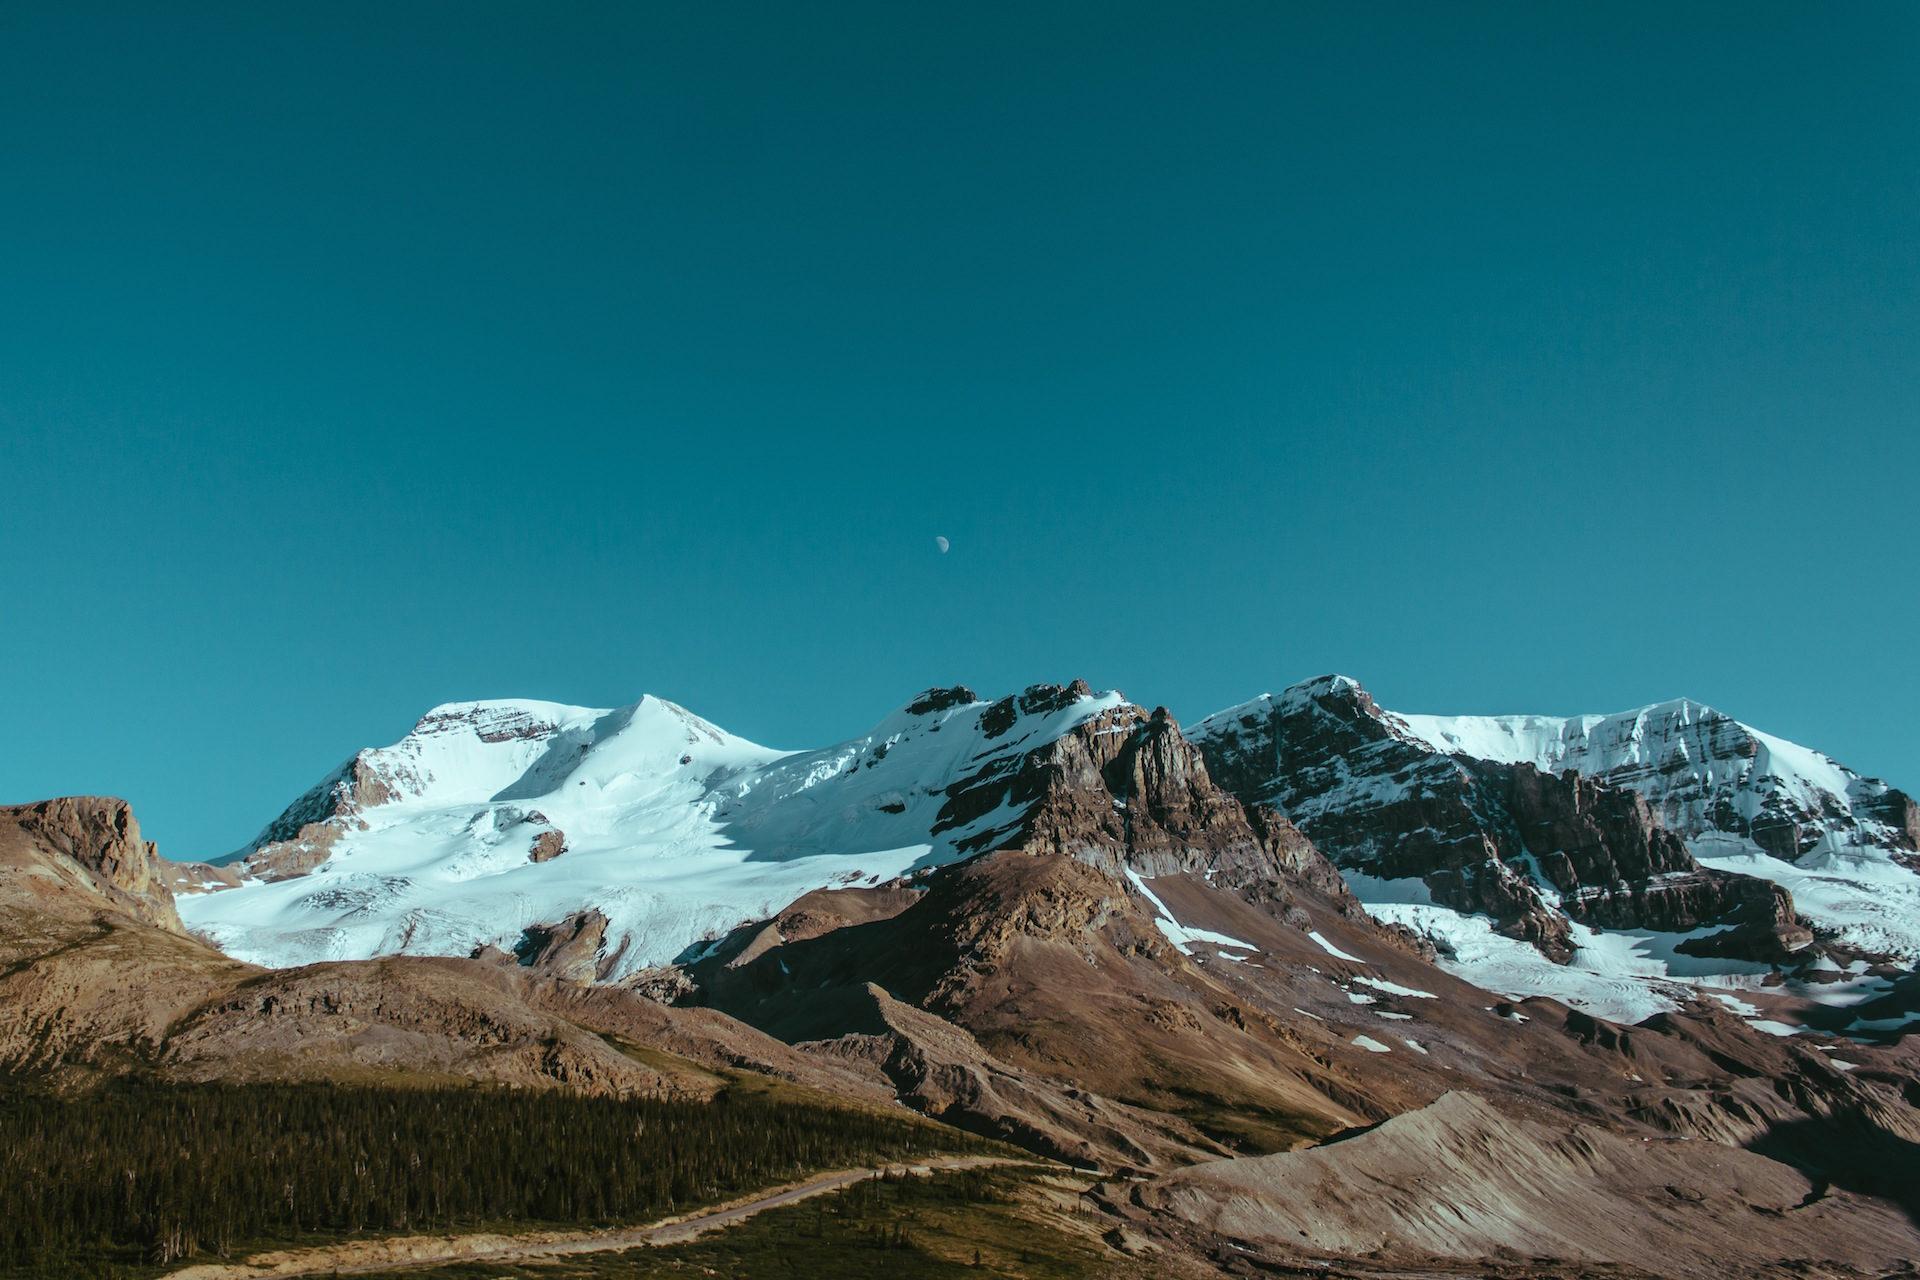 montañas, neve, Céu, Lua, Nevada - Papéis de parede HD - Professor-falken.com